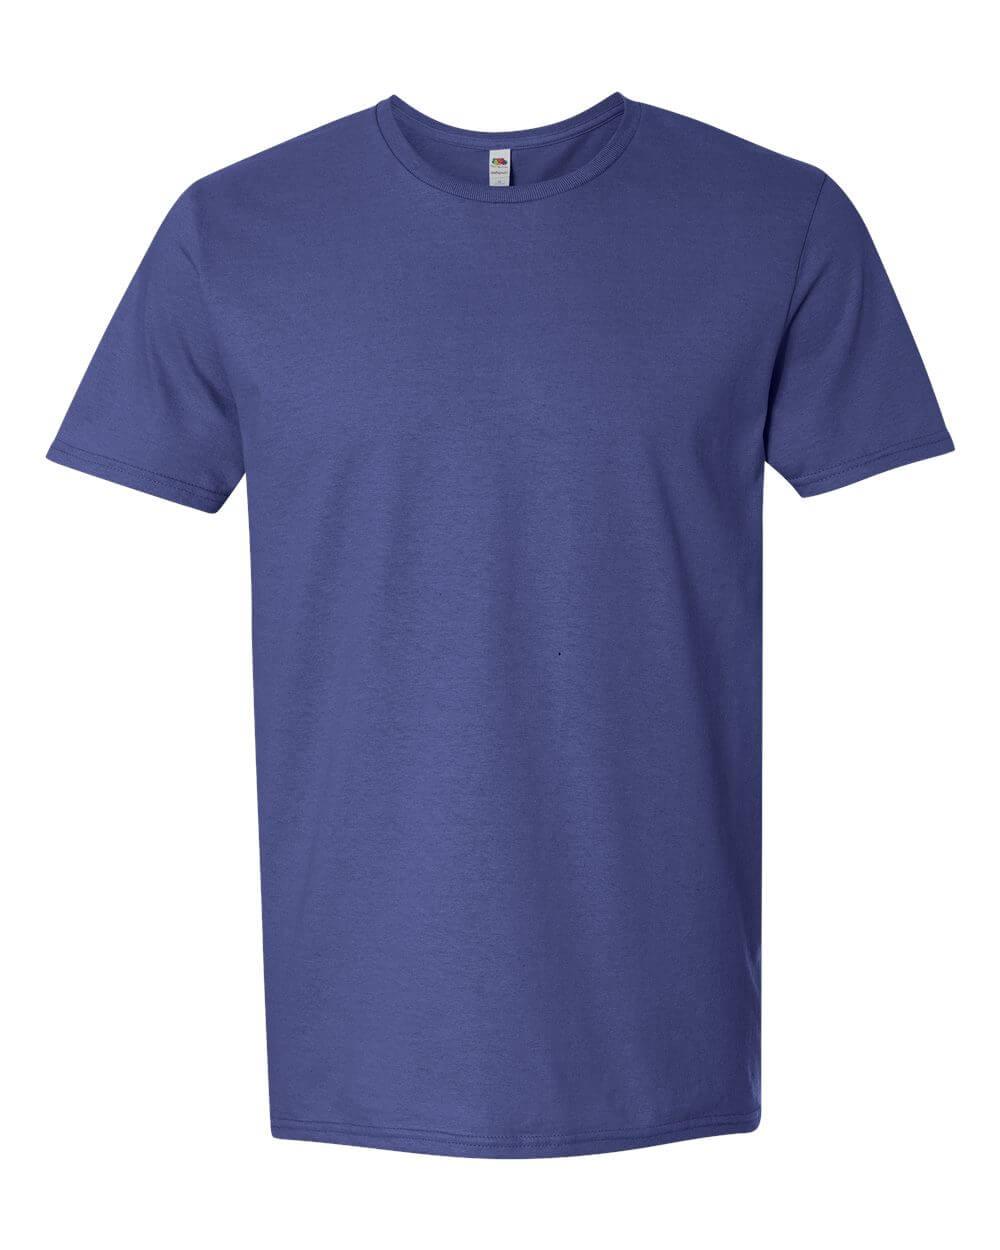 Fruit_of_the_Loom_SF45R_Royal Blue Custom T Shirts